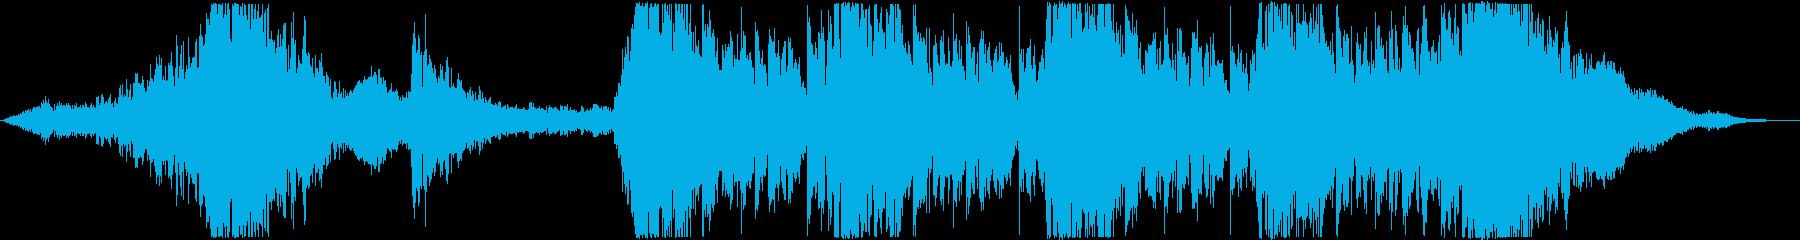 ハリウッド風トレイラー リズム主体08の再生済みの波形